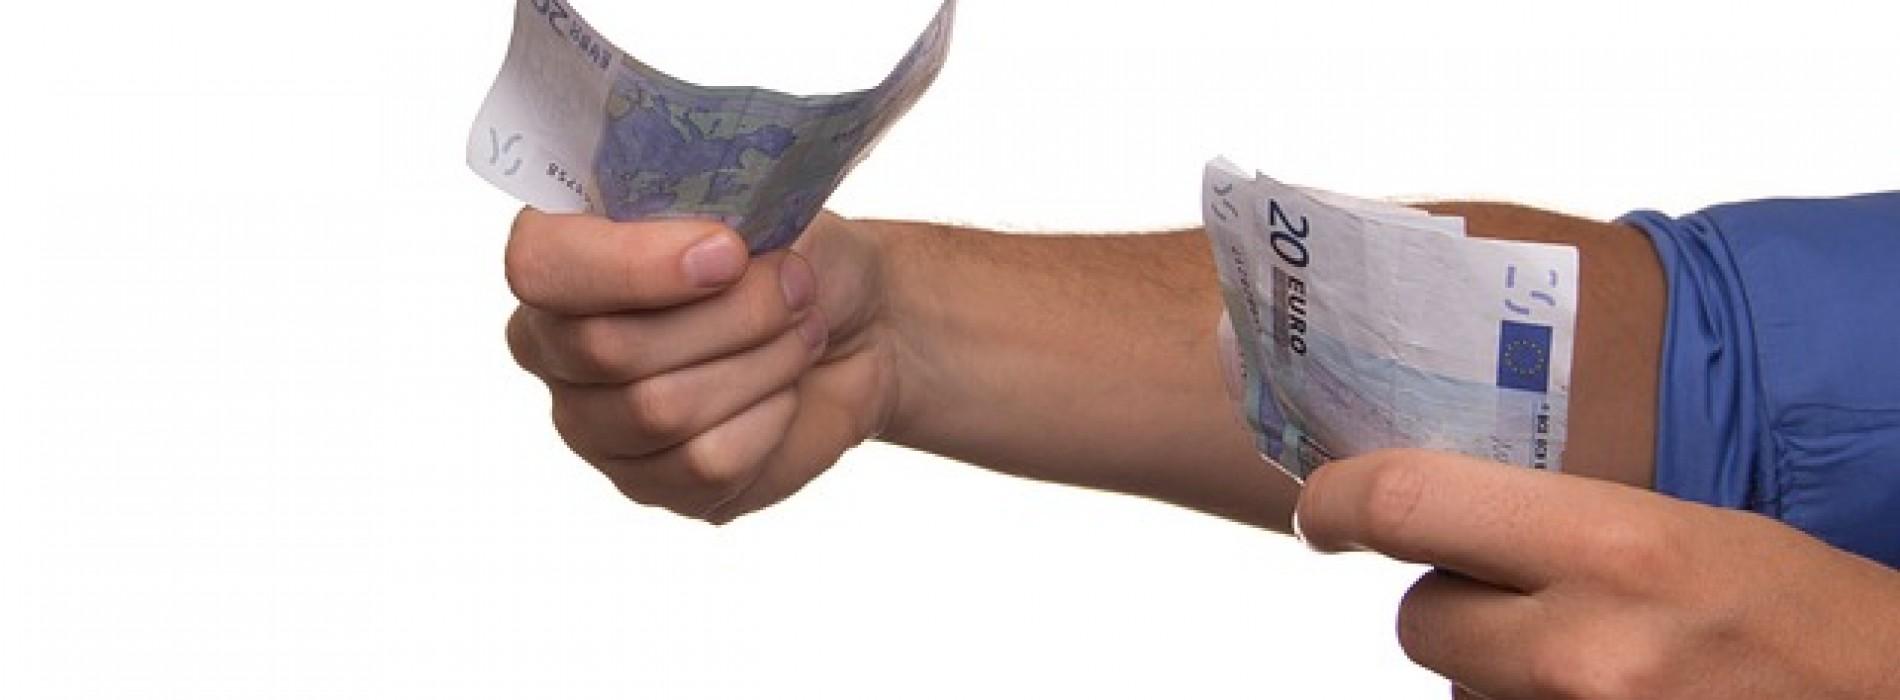 Innowacyjne sposoby płatności – przyszłość, która nas dogania